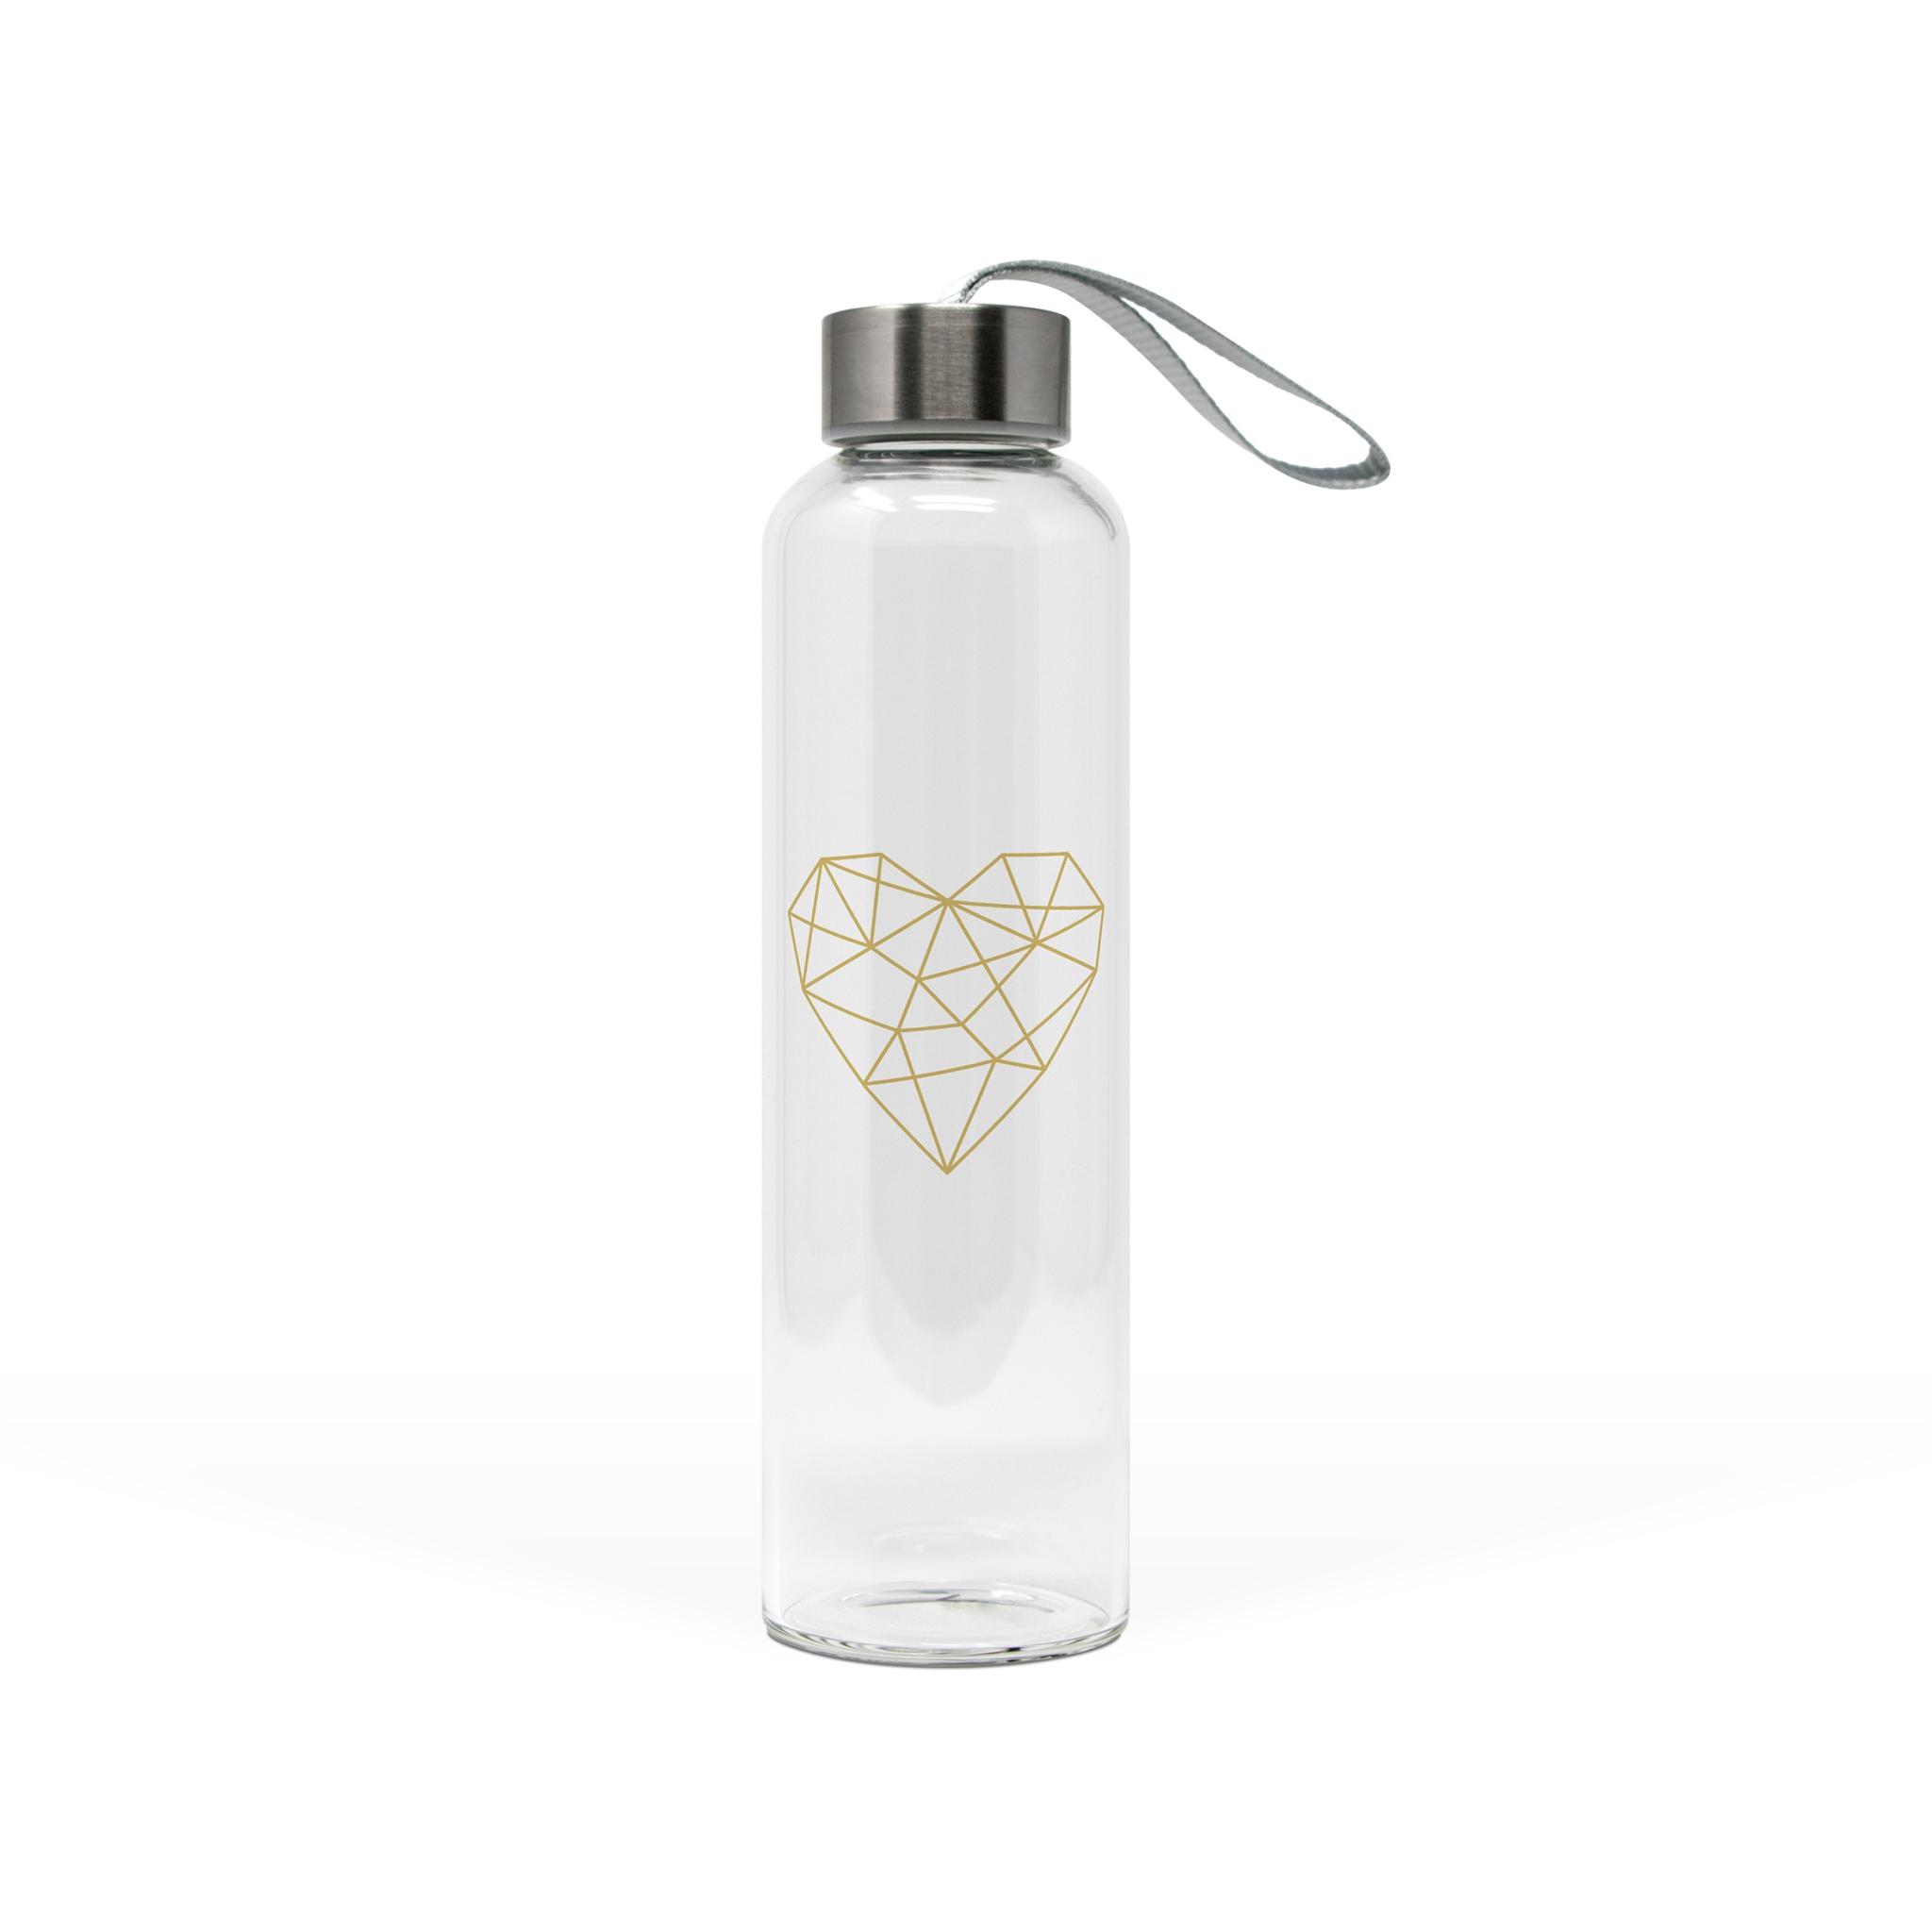 Glasflasche - Geometrisches Herz aus echtem Gold